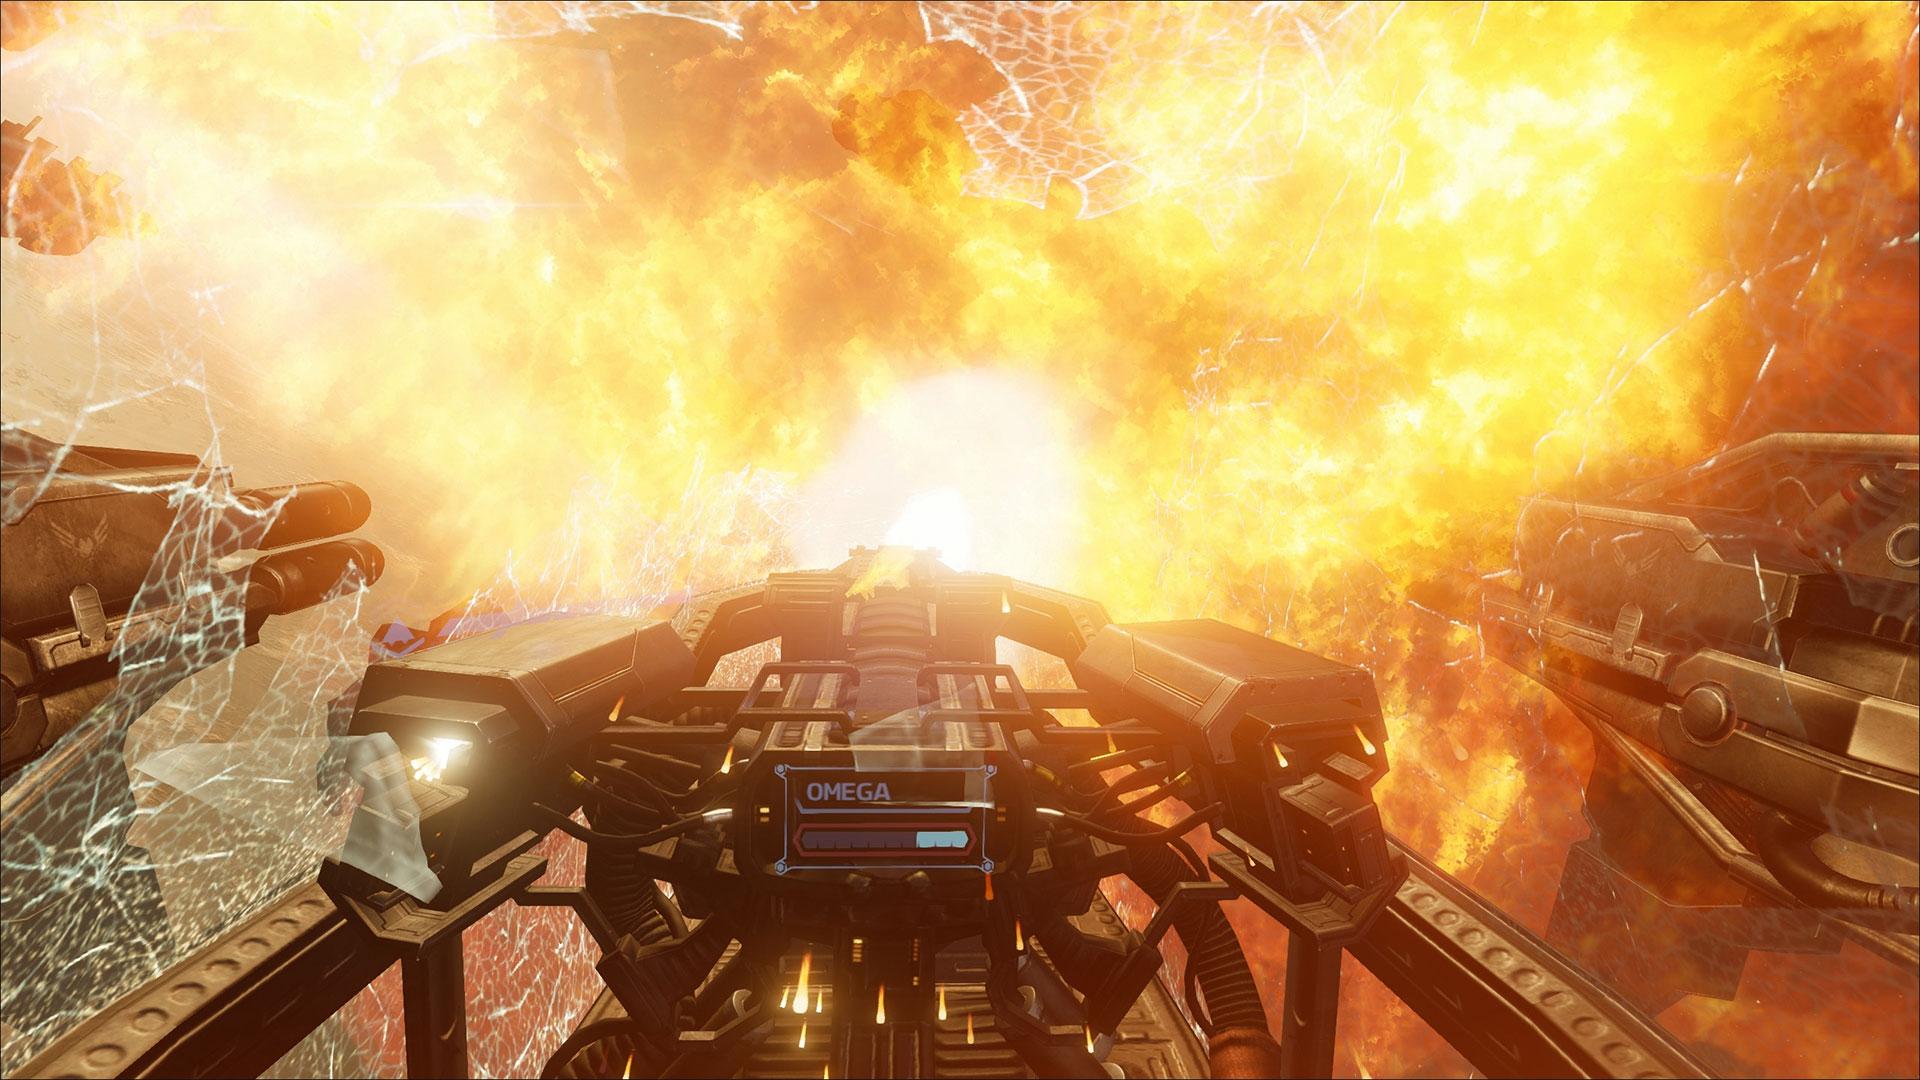 """Endlich über ein gigantisches Schlachtschiff an der Schulter des Orion ziehen, als wäre man tatsächlich da: PlayStation VR und der """"EVE Online""""-Ableger """"EVE: Valkyrie machen's möglich. (13.10. für PS4, PS VR)"""